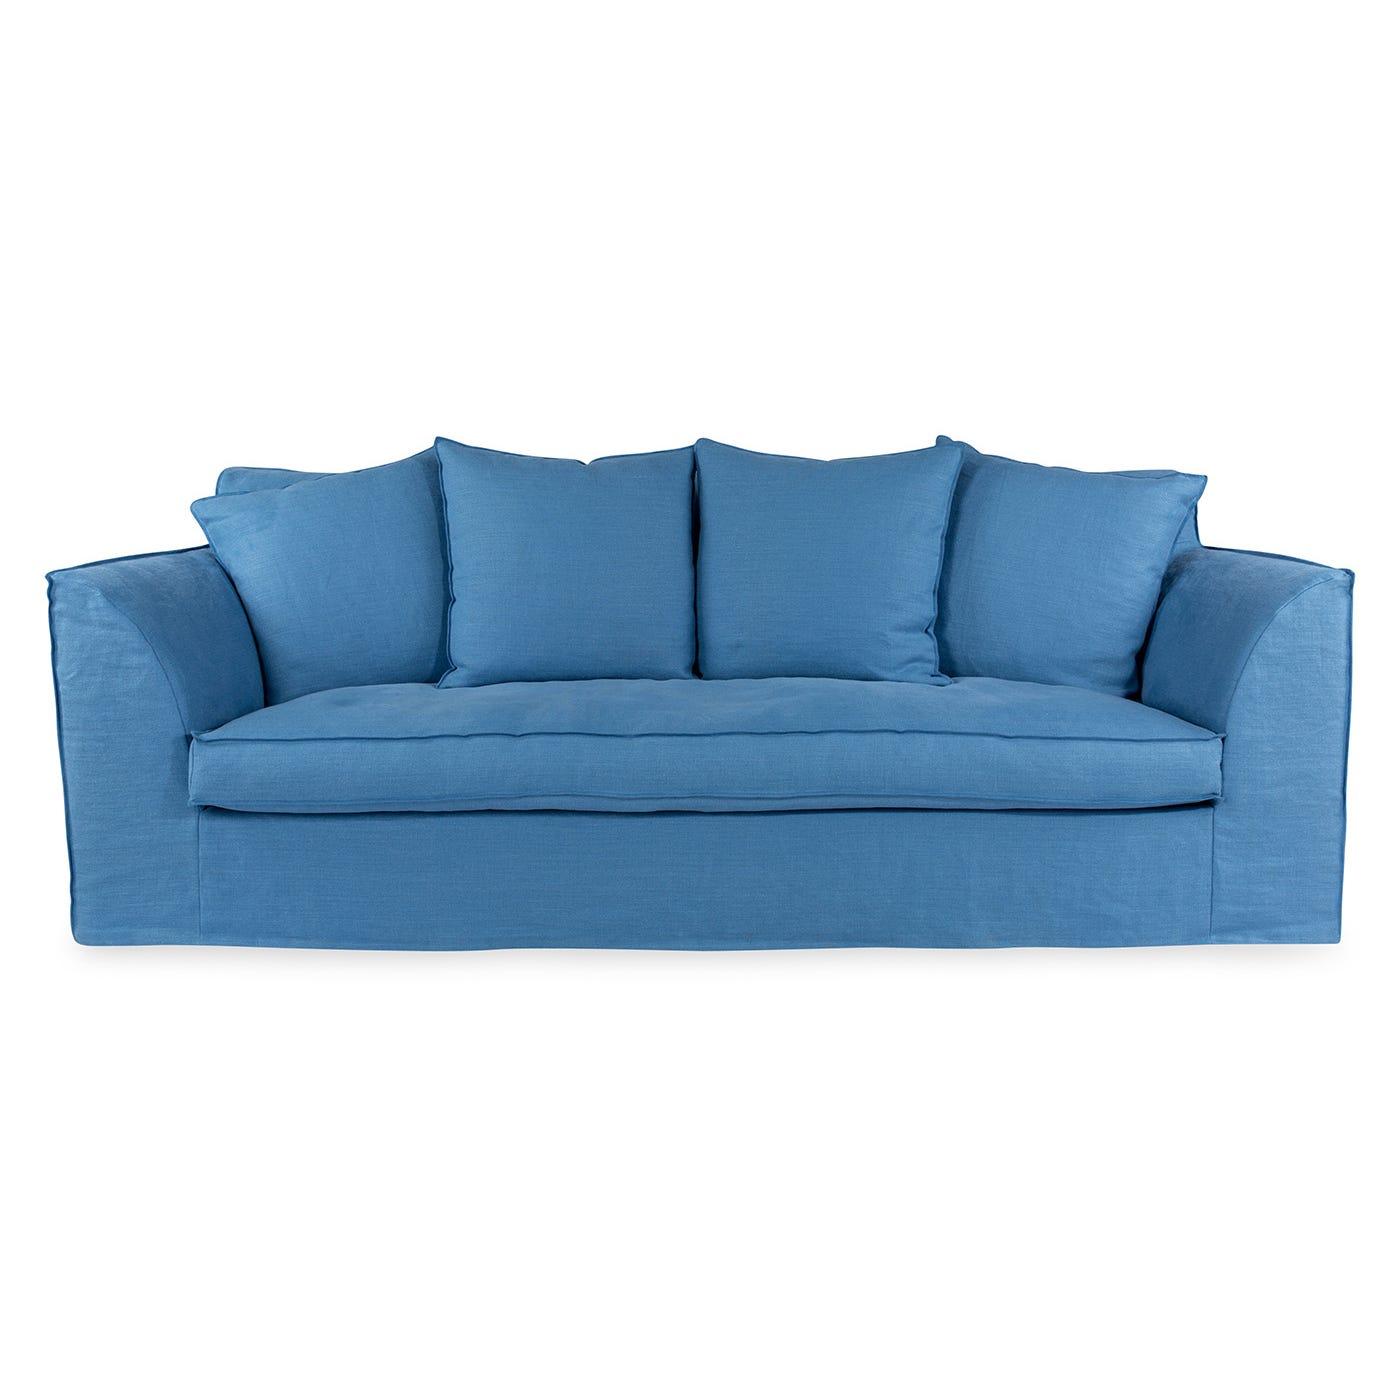 Bellagio 4 Seater Sofa